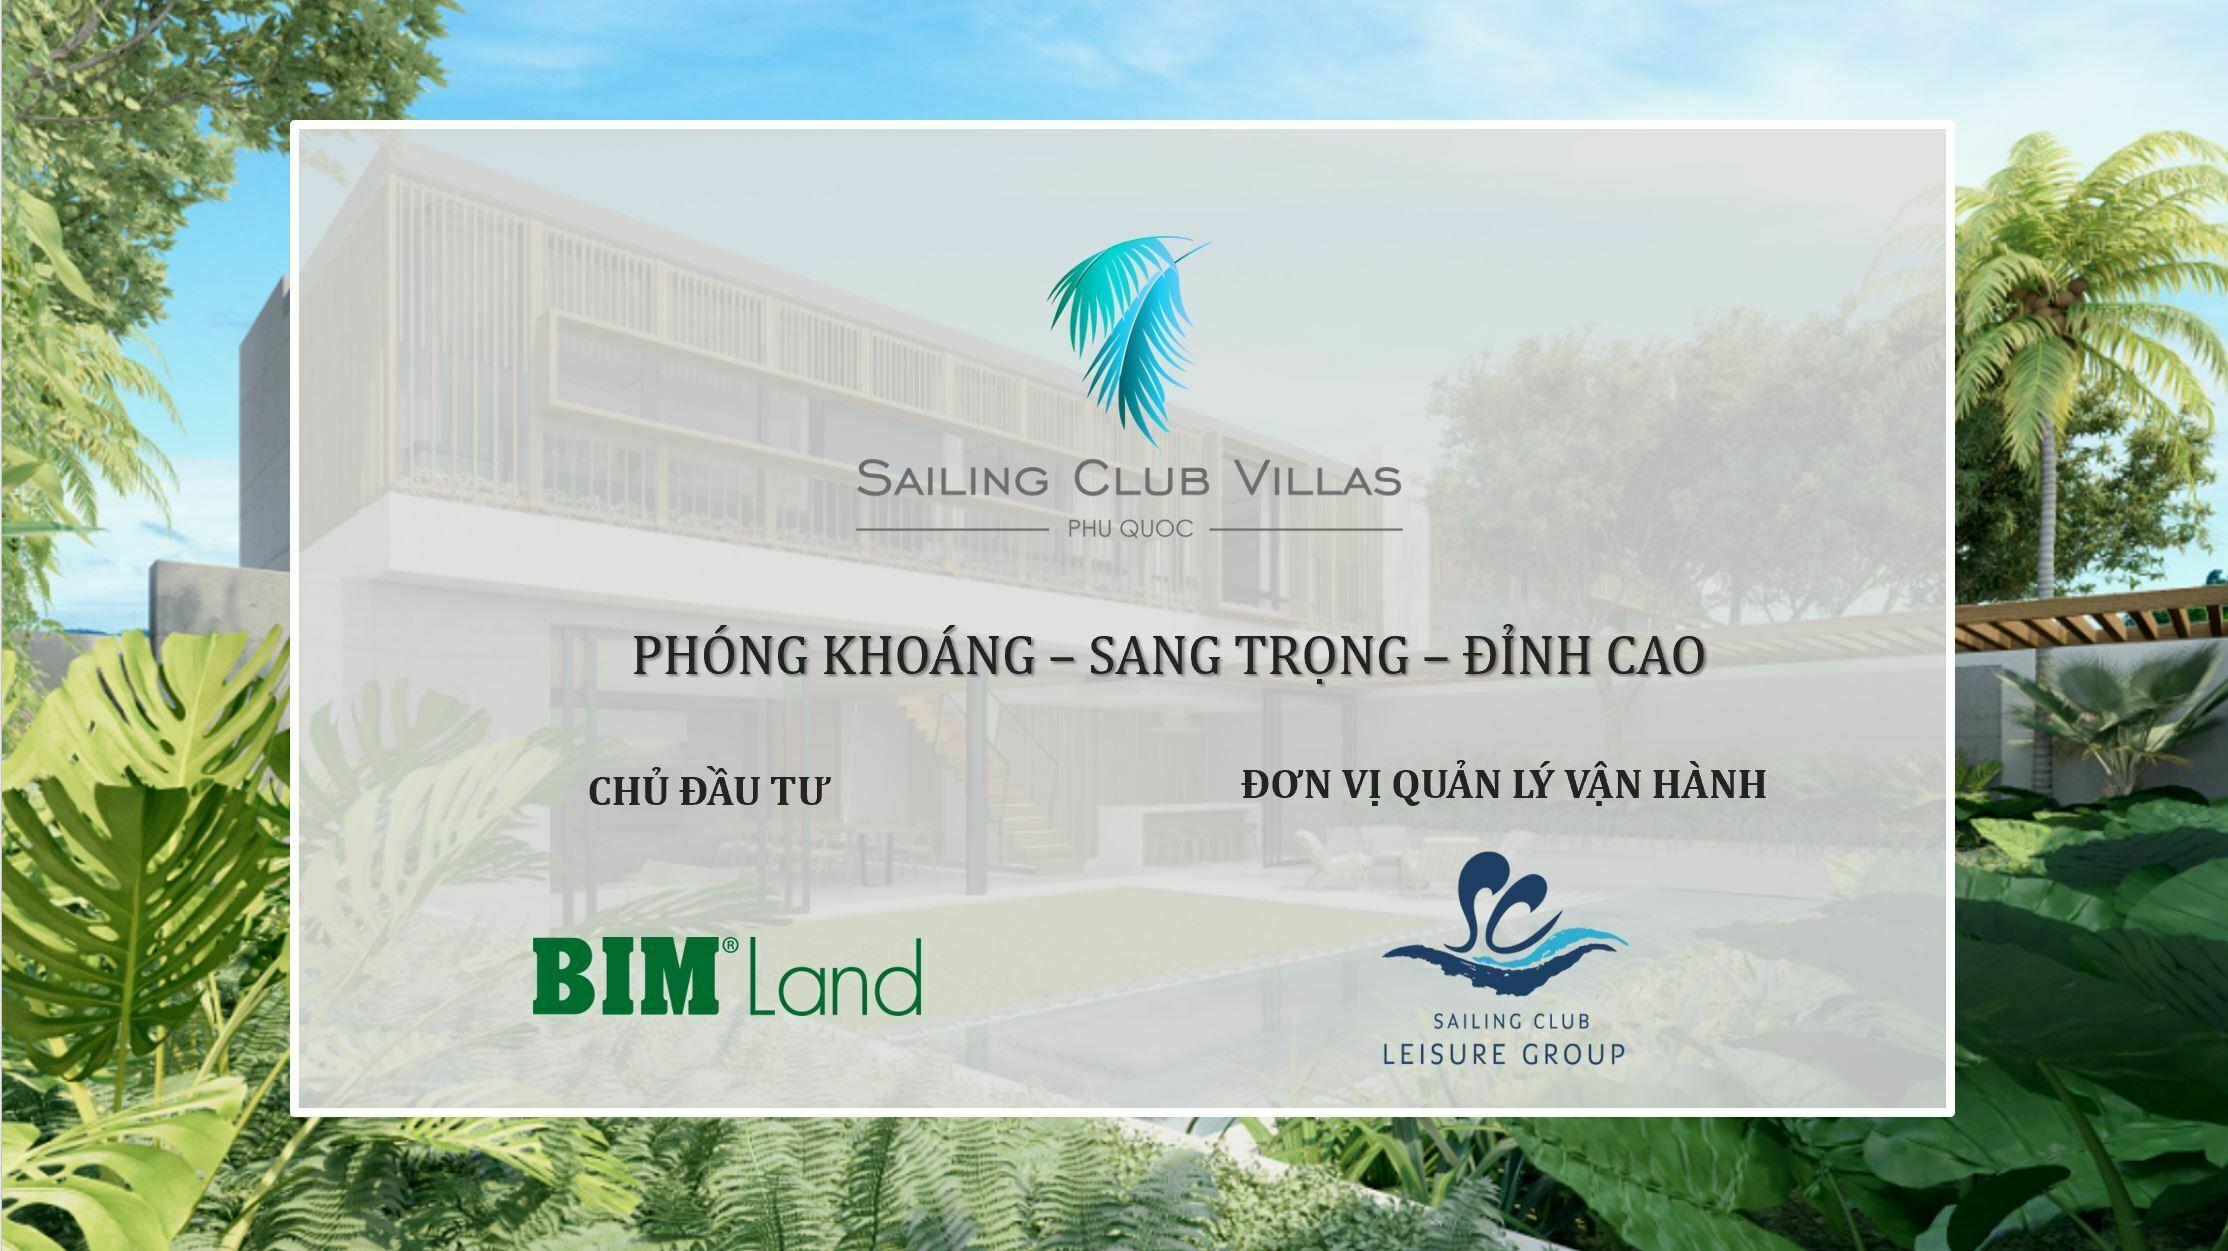 """Dự án Sailing Club Villas Phu Quoc được BIM Land định hình theo phong cách """"Phóng khoáng - Sang trọng đỉnh cao"""""""